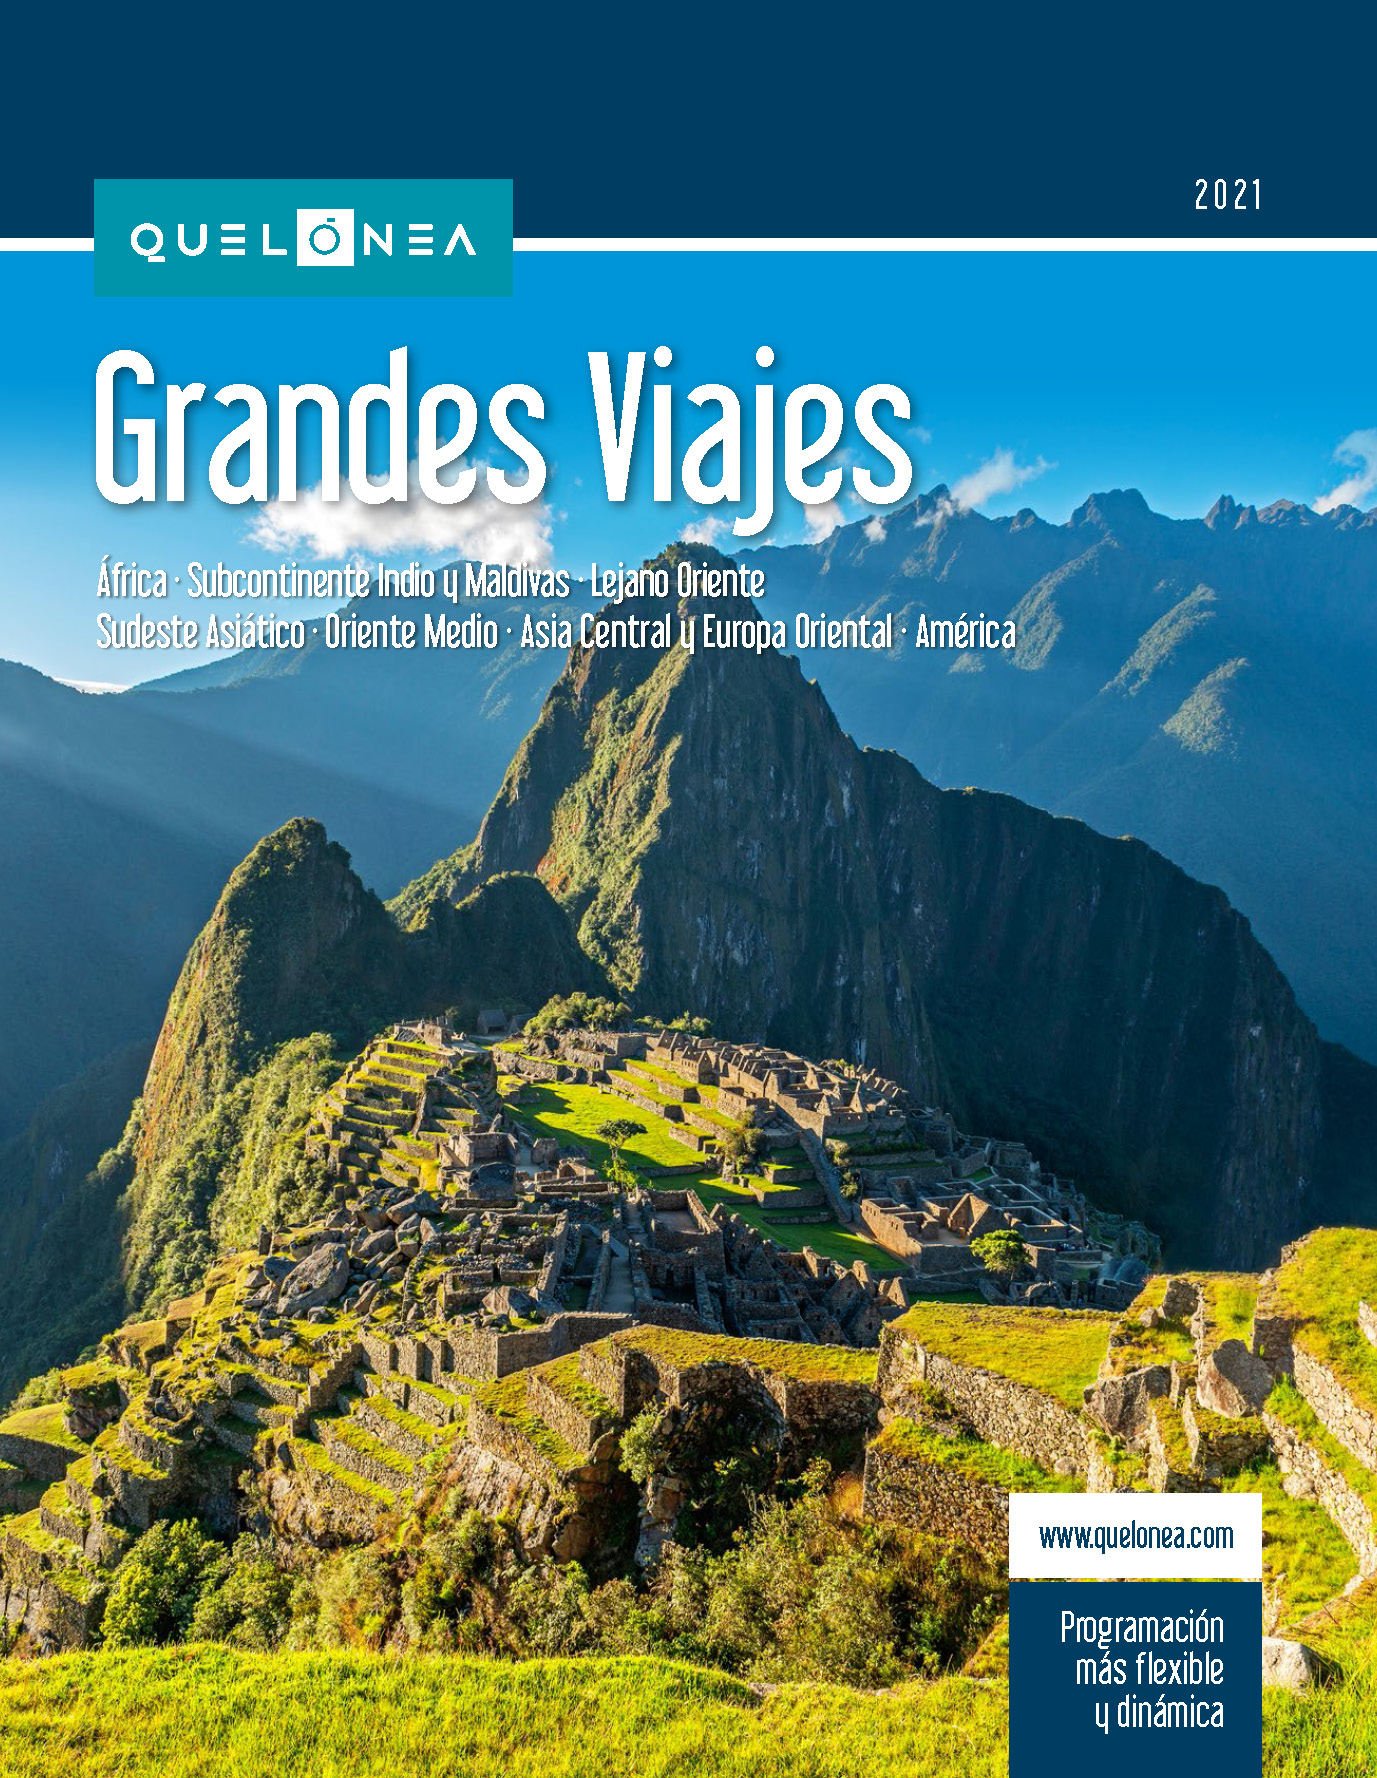 Catalogo Quelonea Grandes Viajes 2021